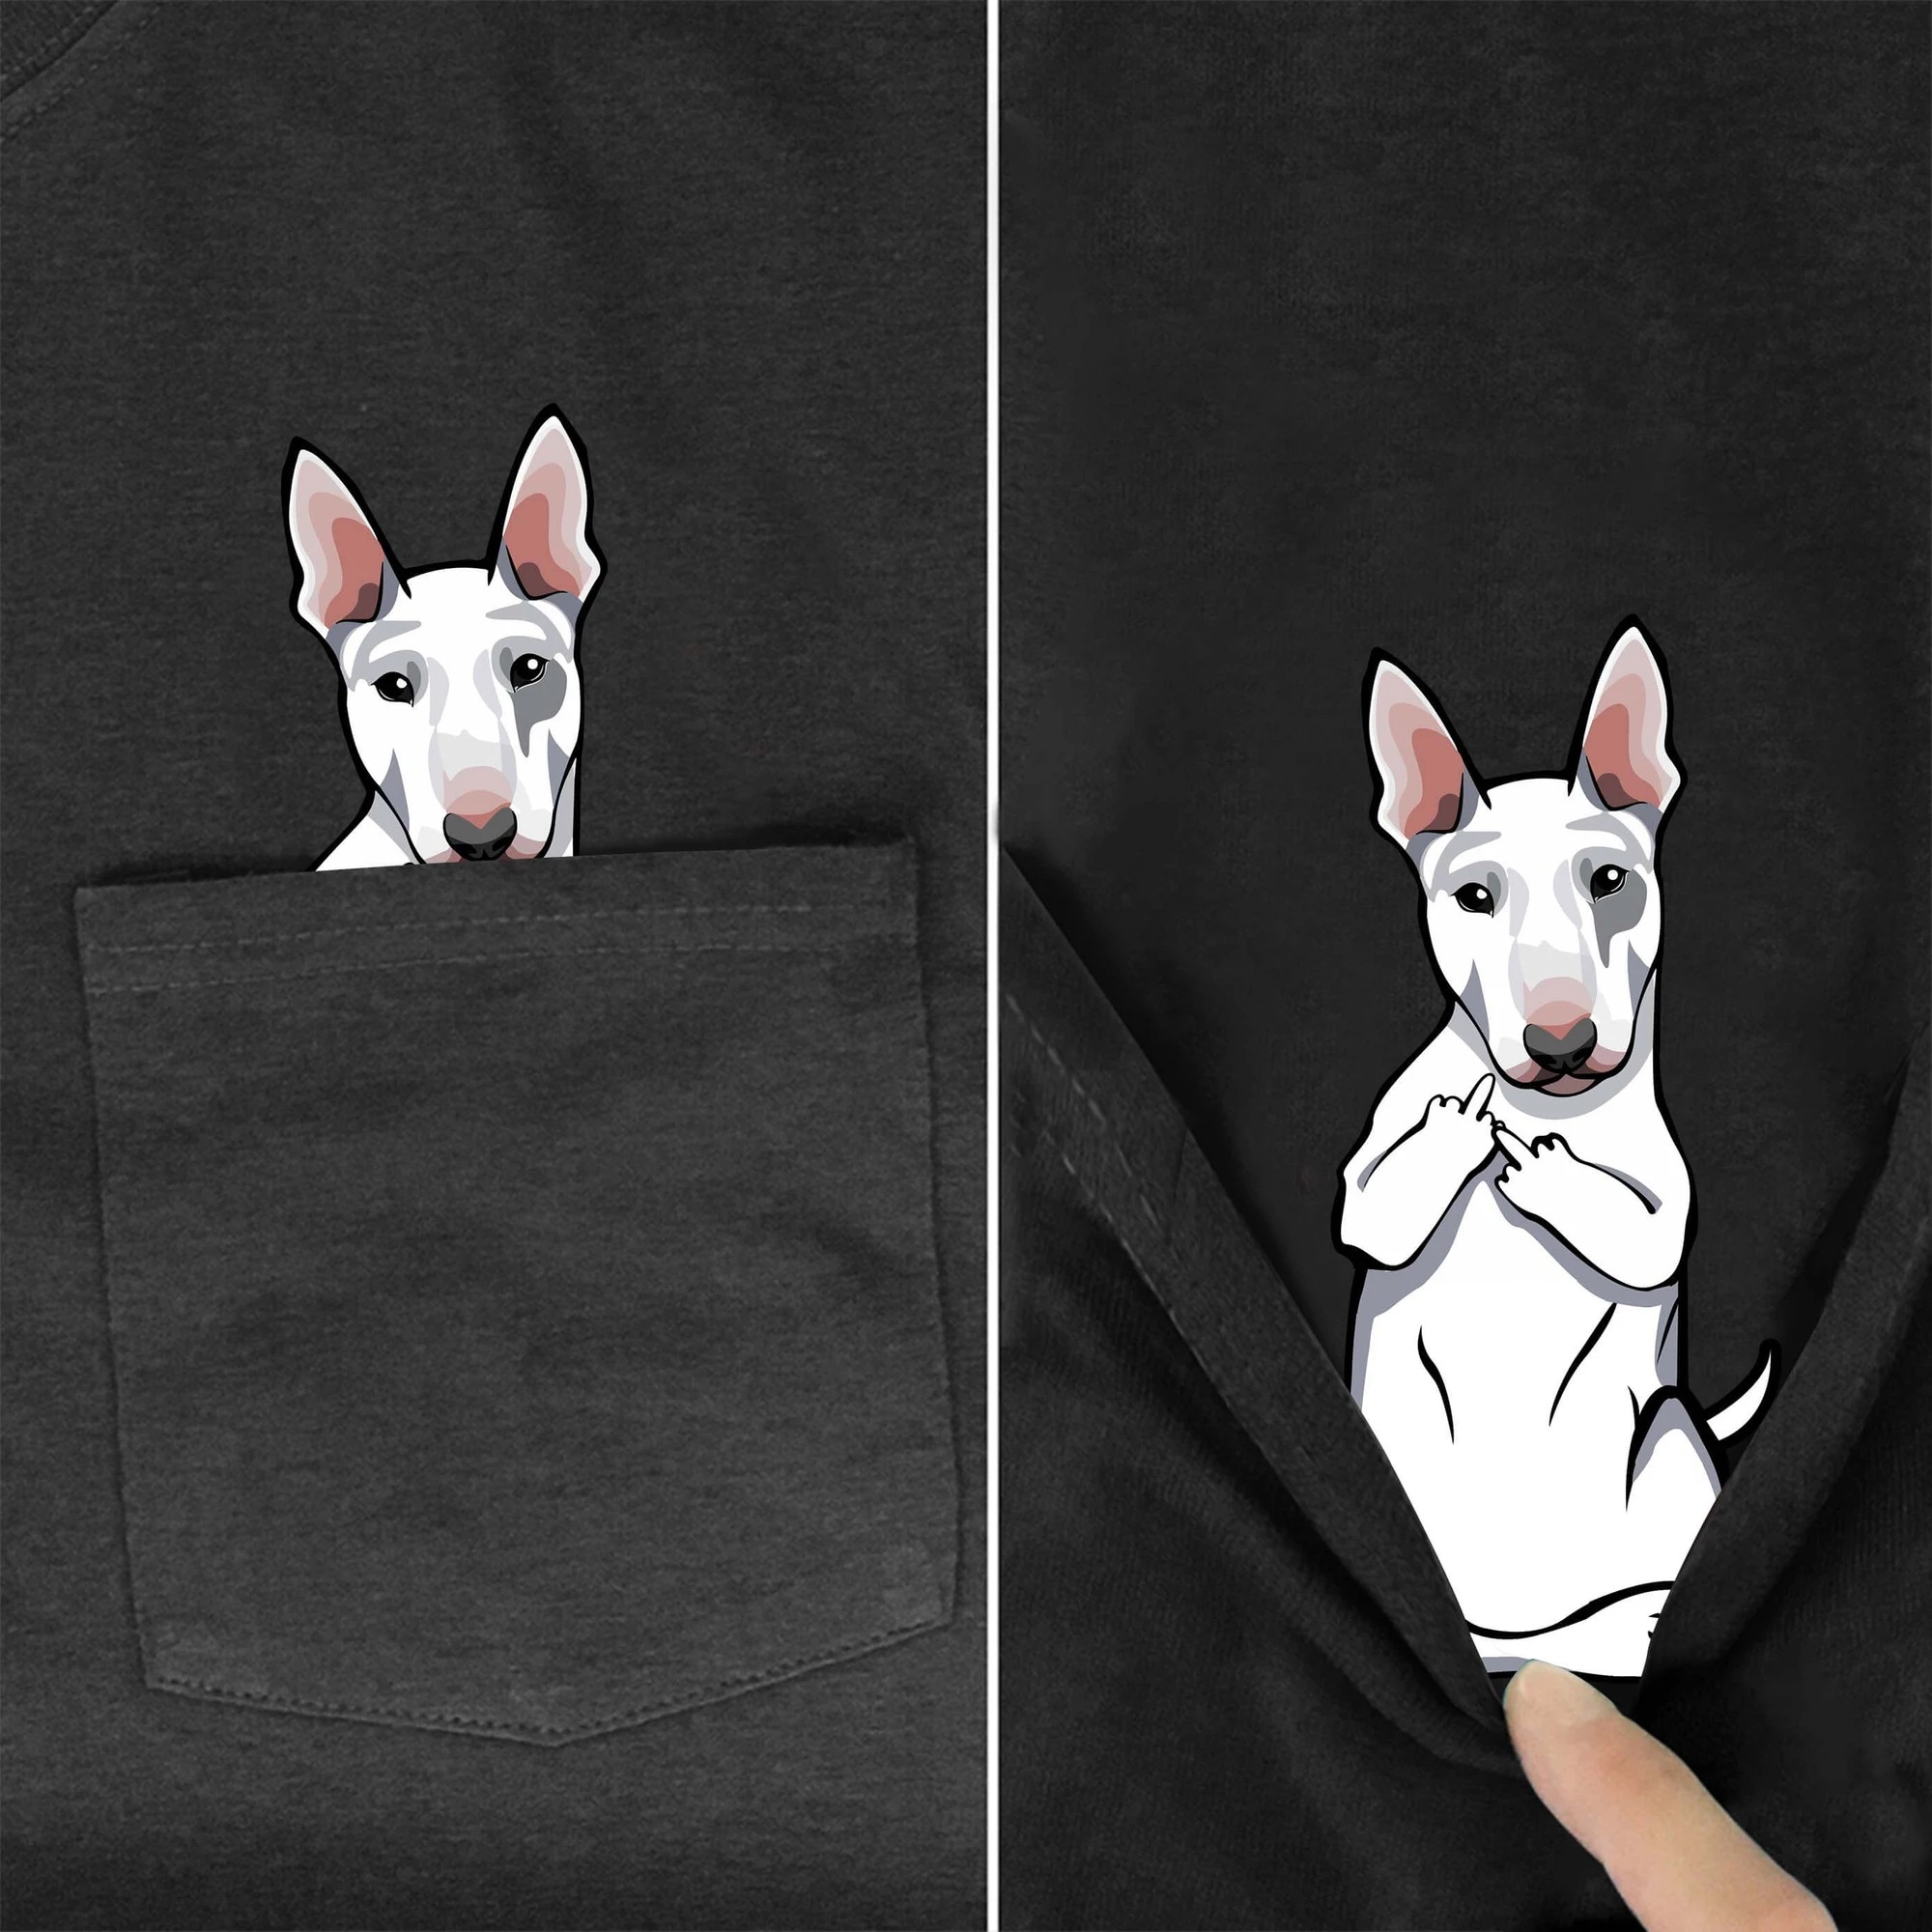 Bull Terrier dog pocket shirt